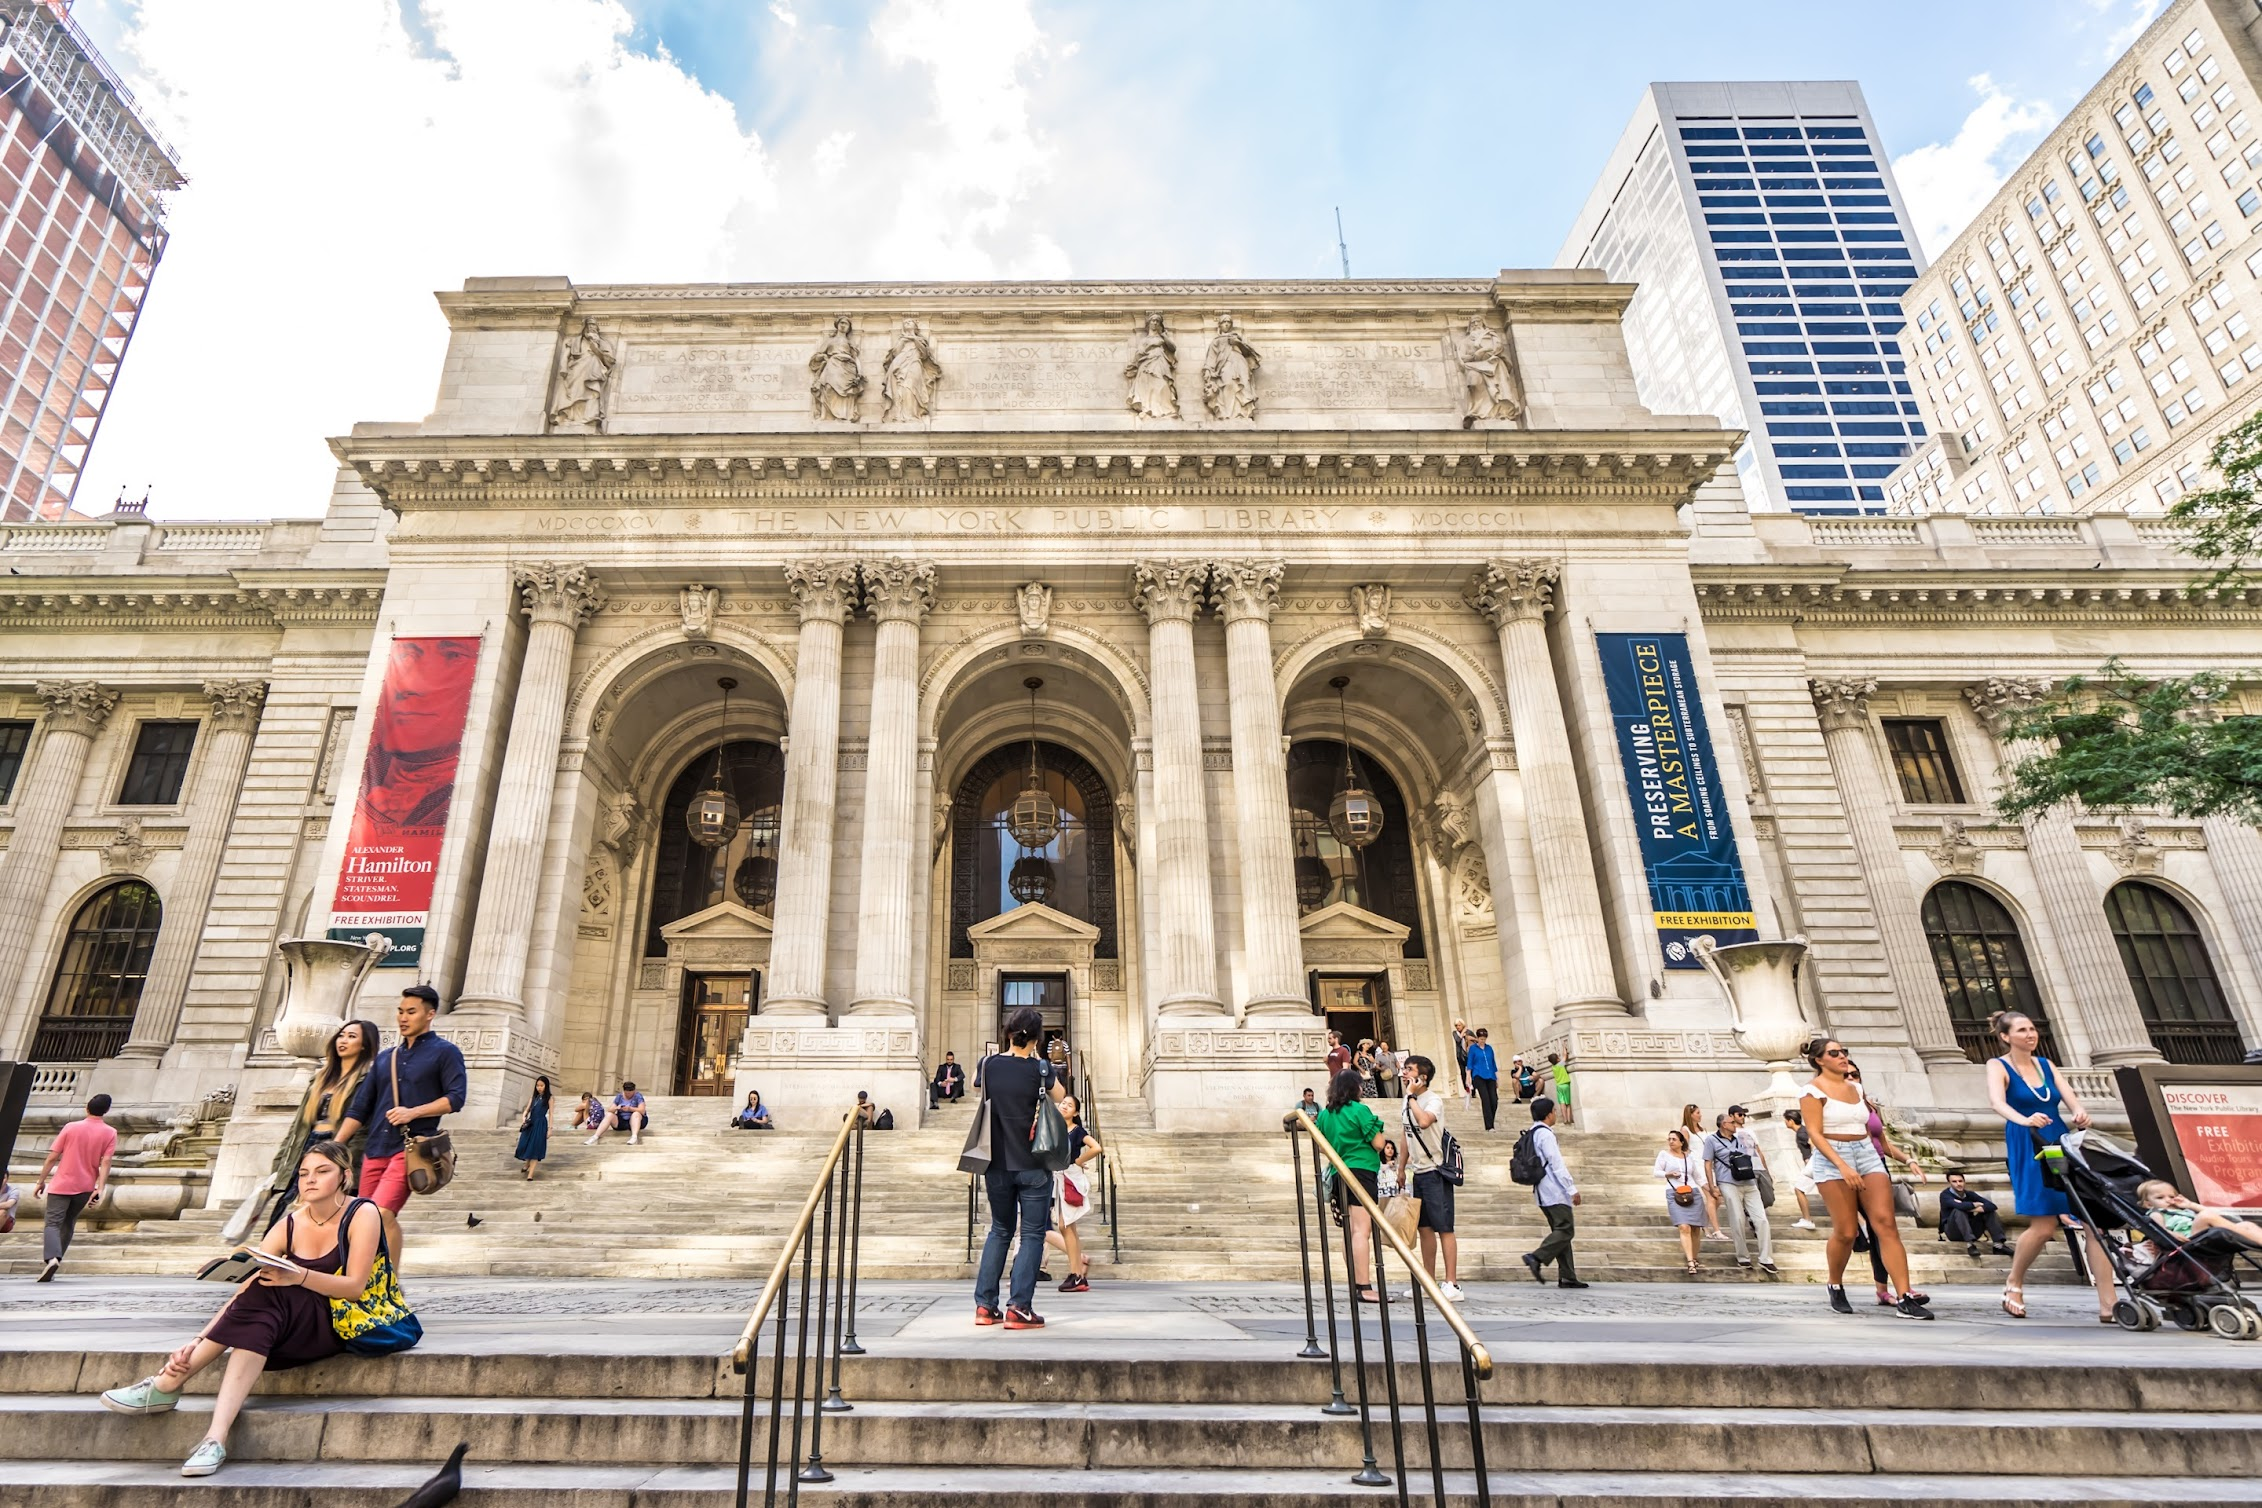 ニューヨーク公立図書館(The New York Public Library)2